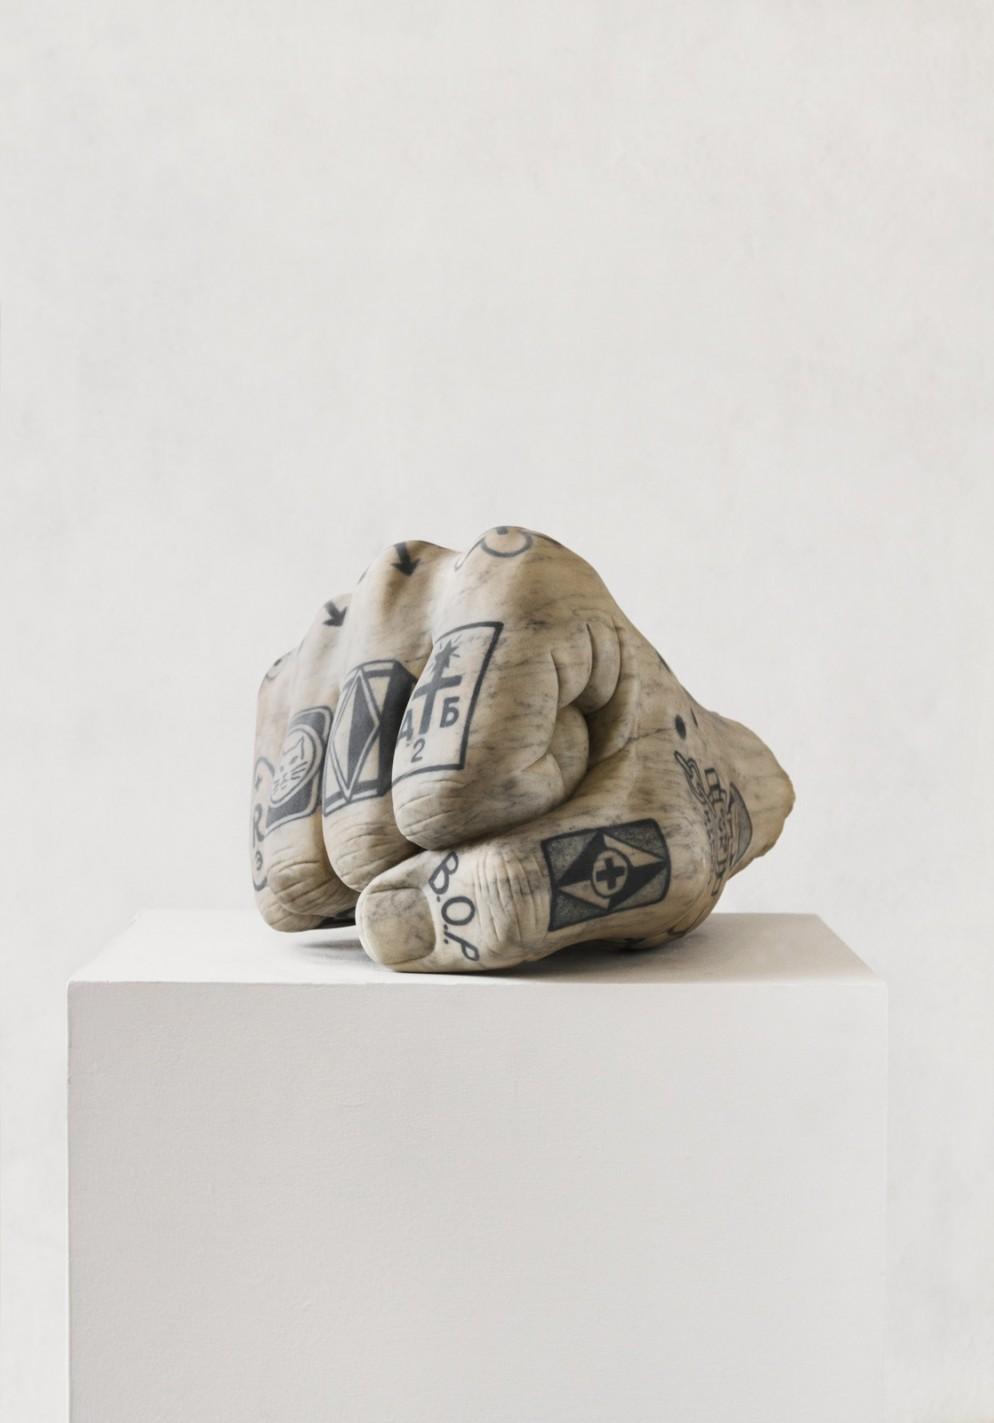 fabio-viale-statue-tatuate-04